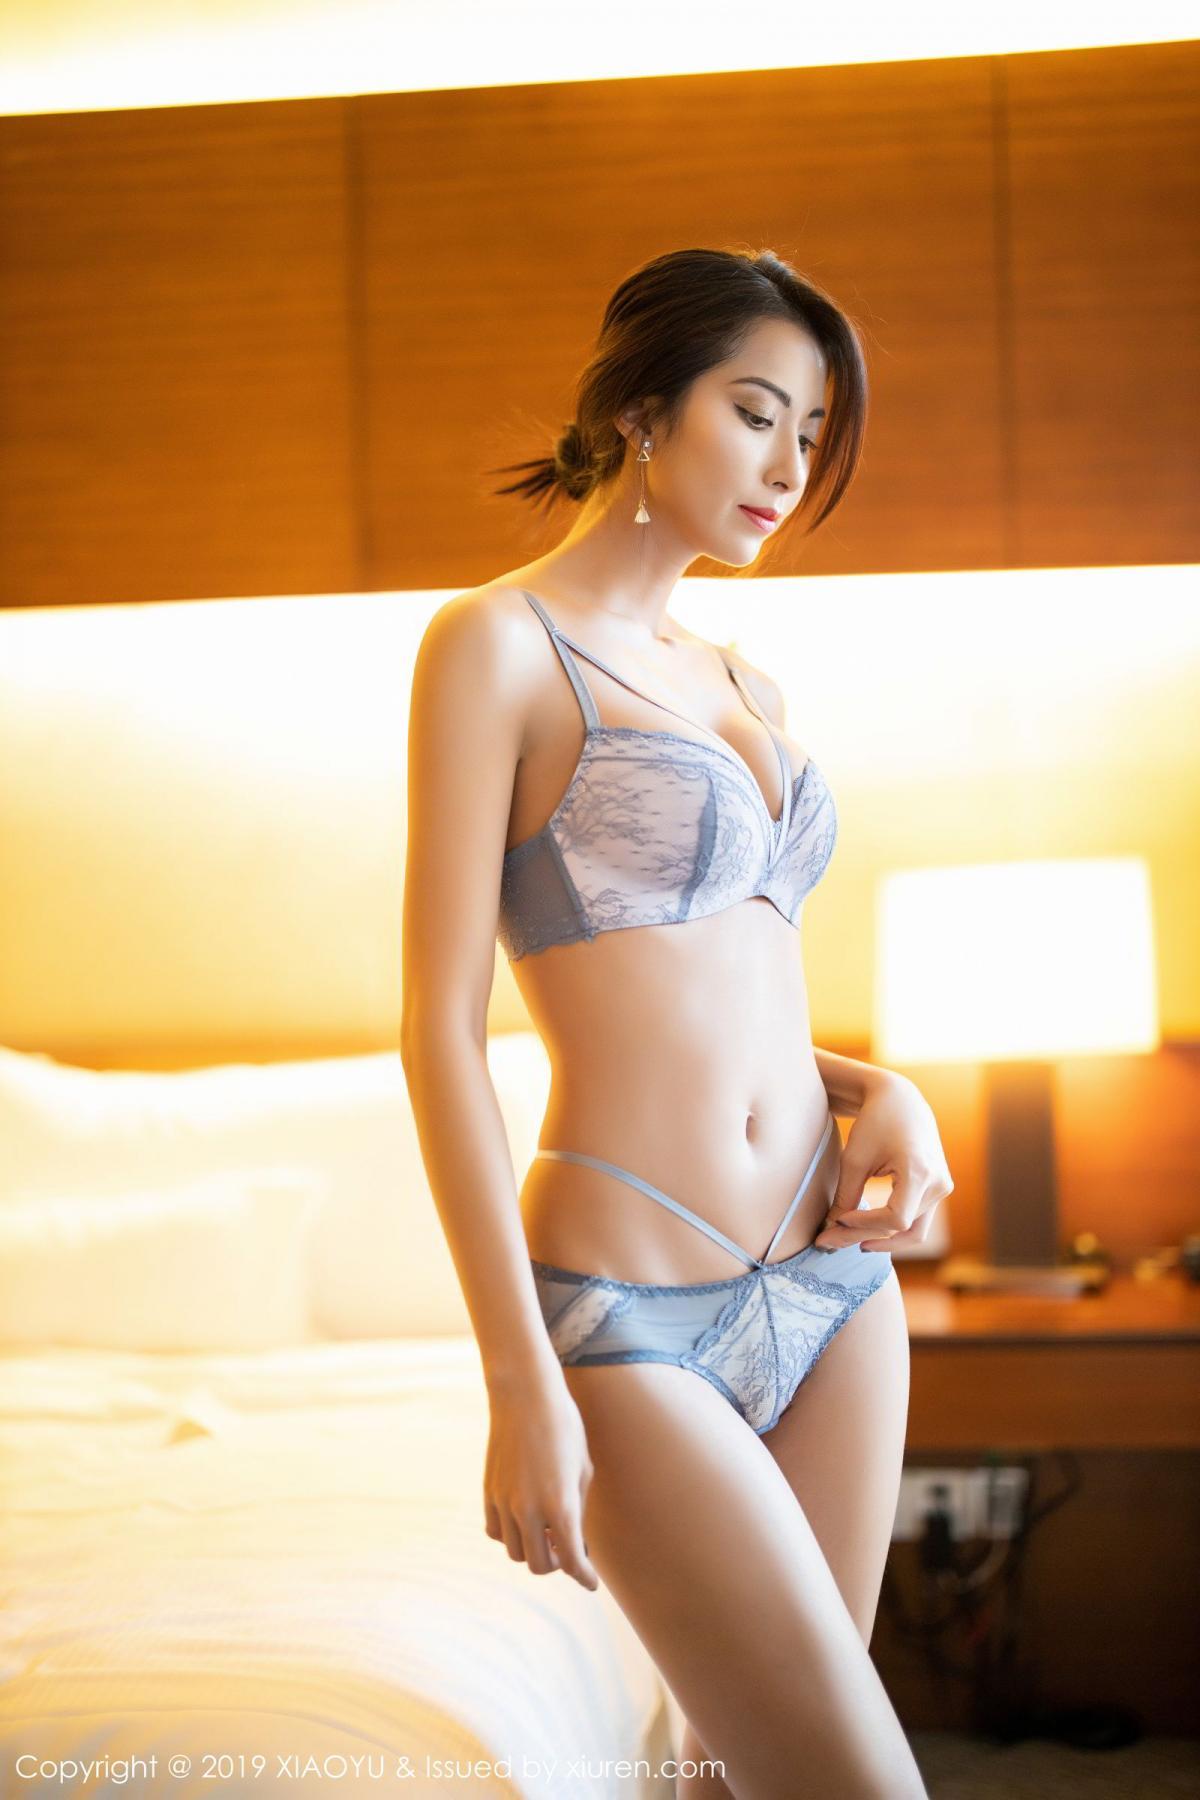 [XiaoYu] Vol.196 Chen Liang Ling 68P, Chen Liang Ling, Cheongsam, Temperament, Underwear, XiaoYu